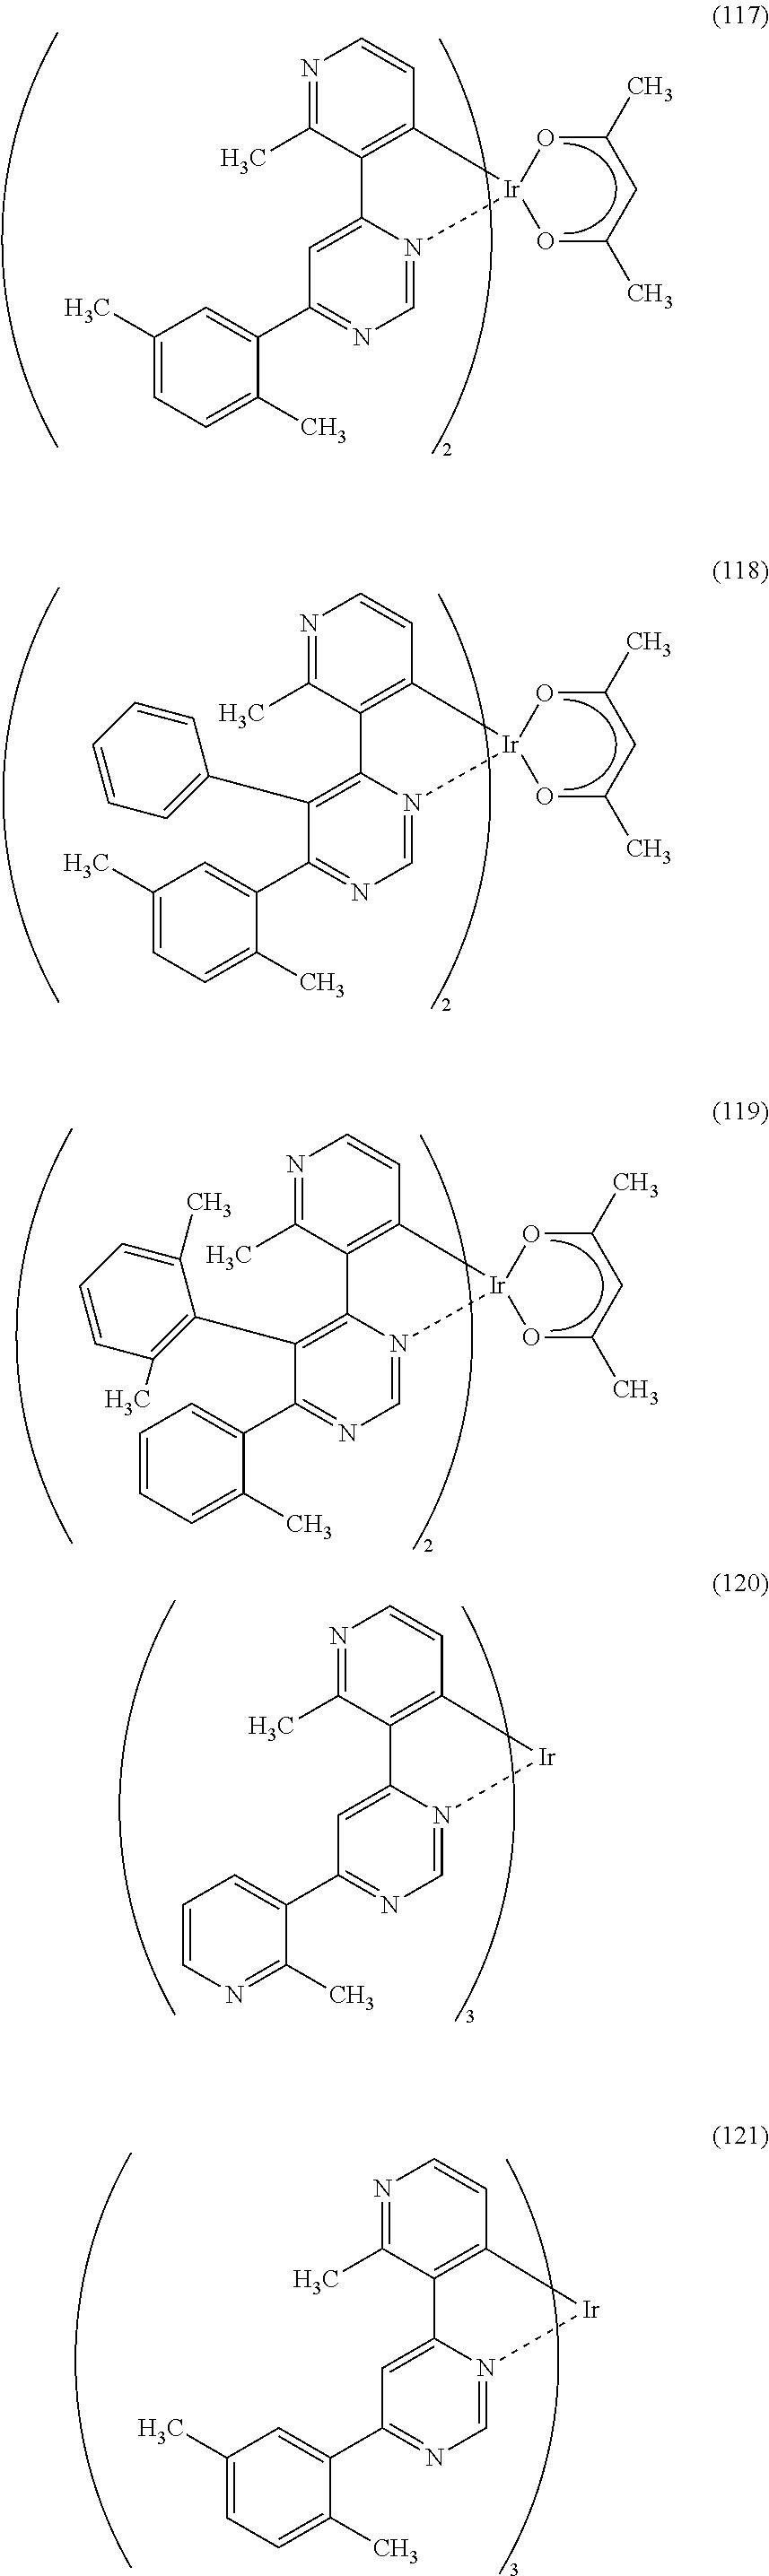 Figure US08889858-20141118-C00020